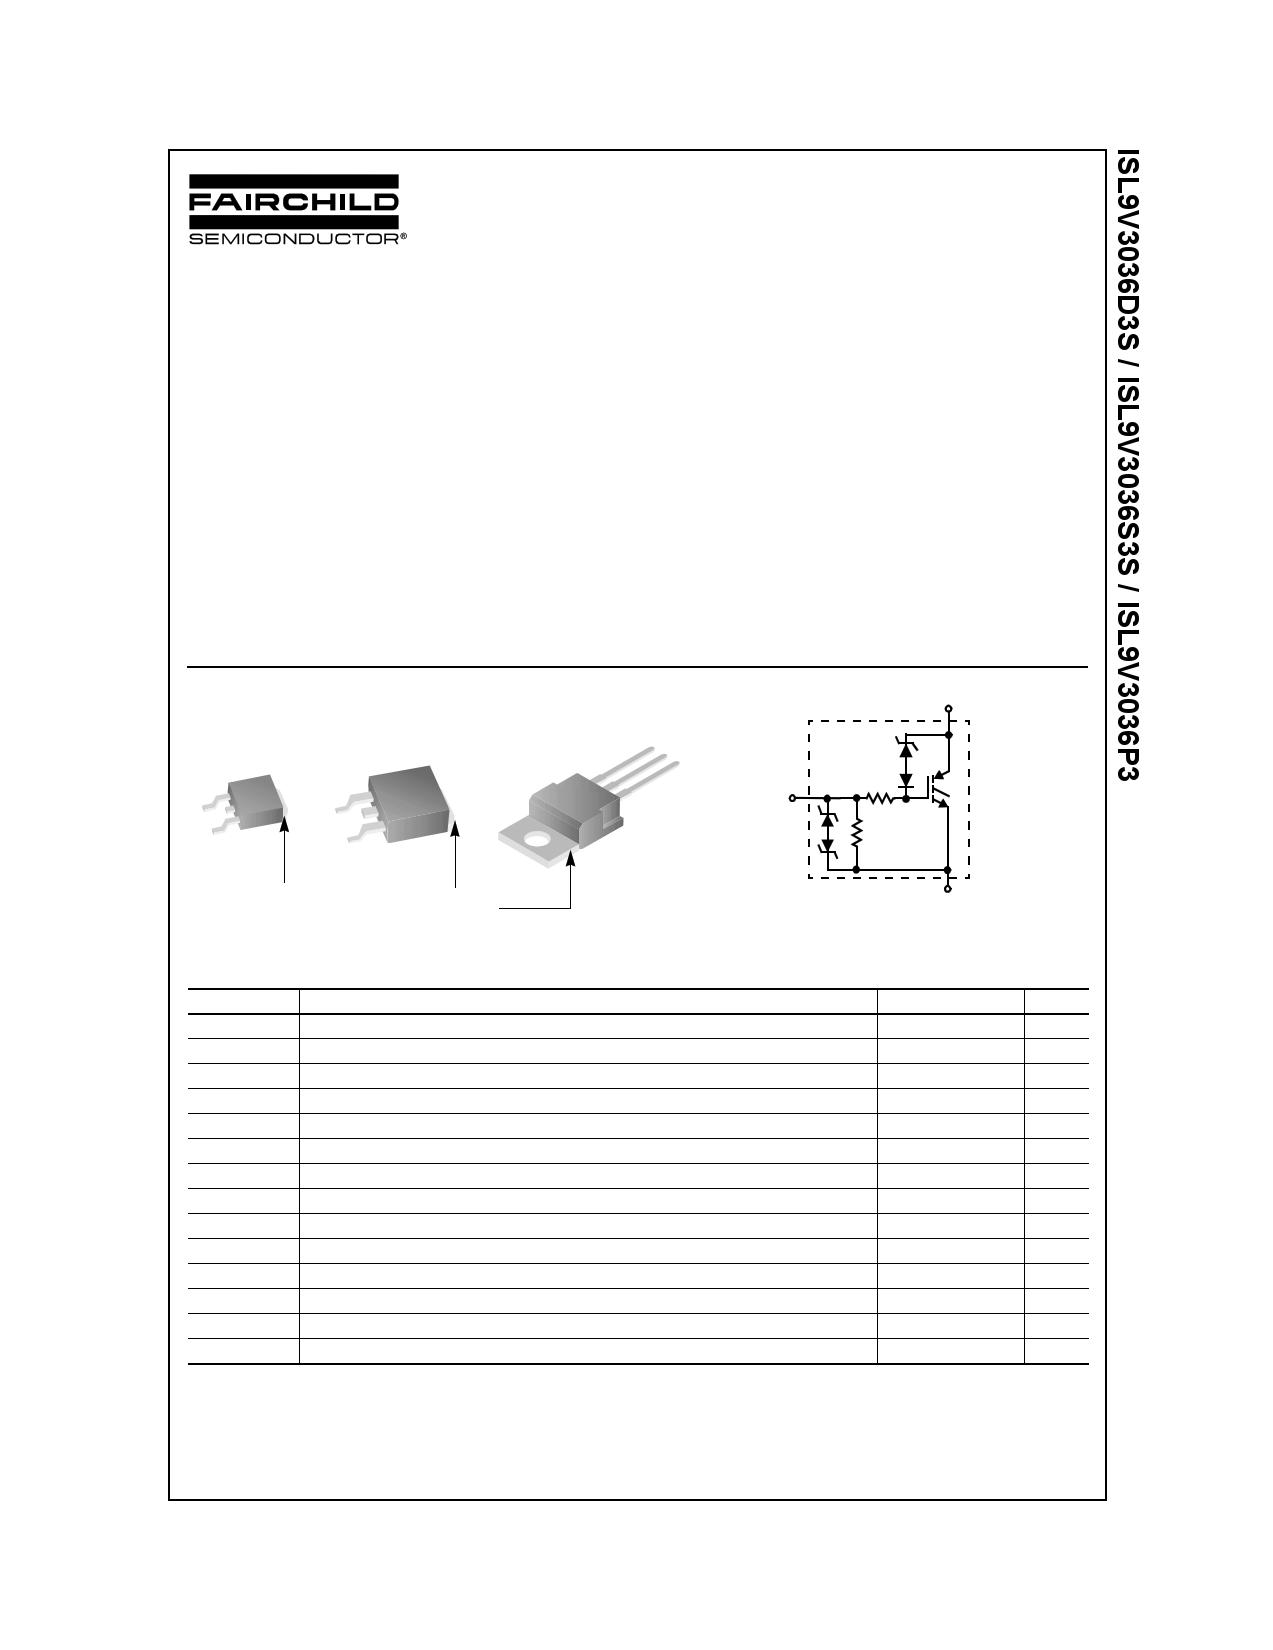 ISL9V3036P3 데이터시트 및 ISL9V3036P3 PDF